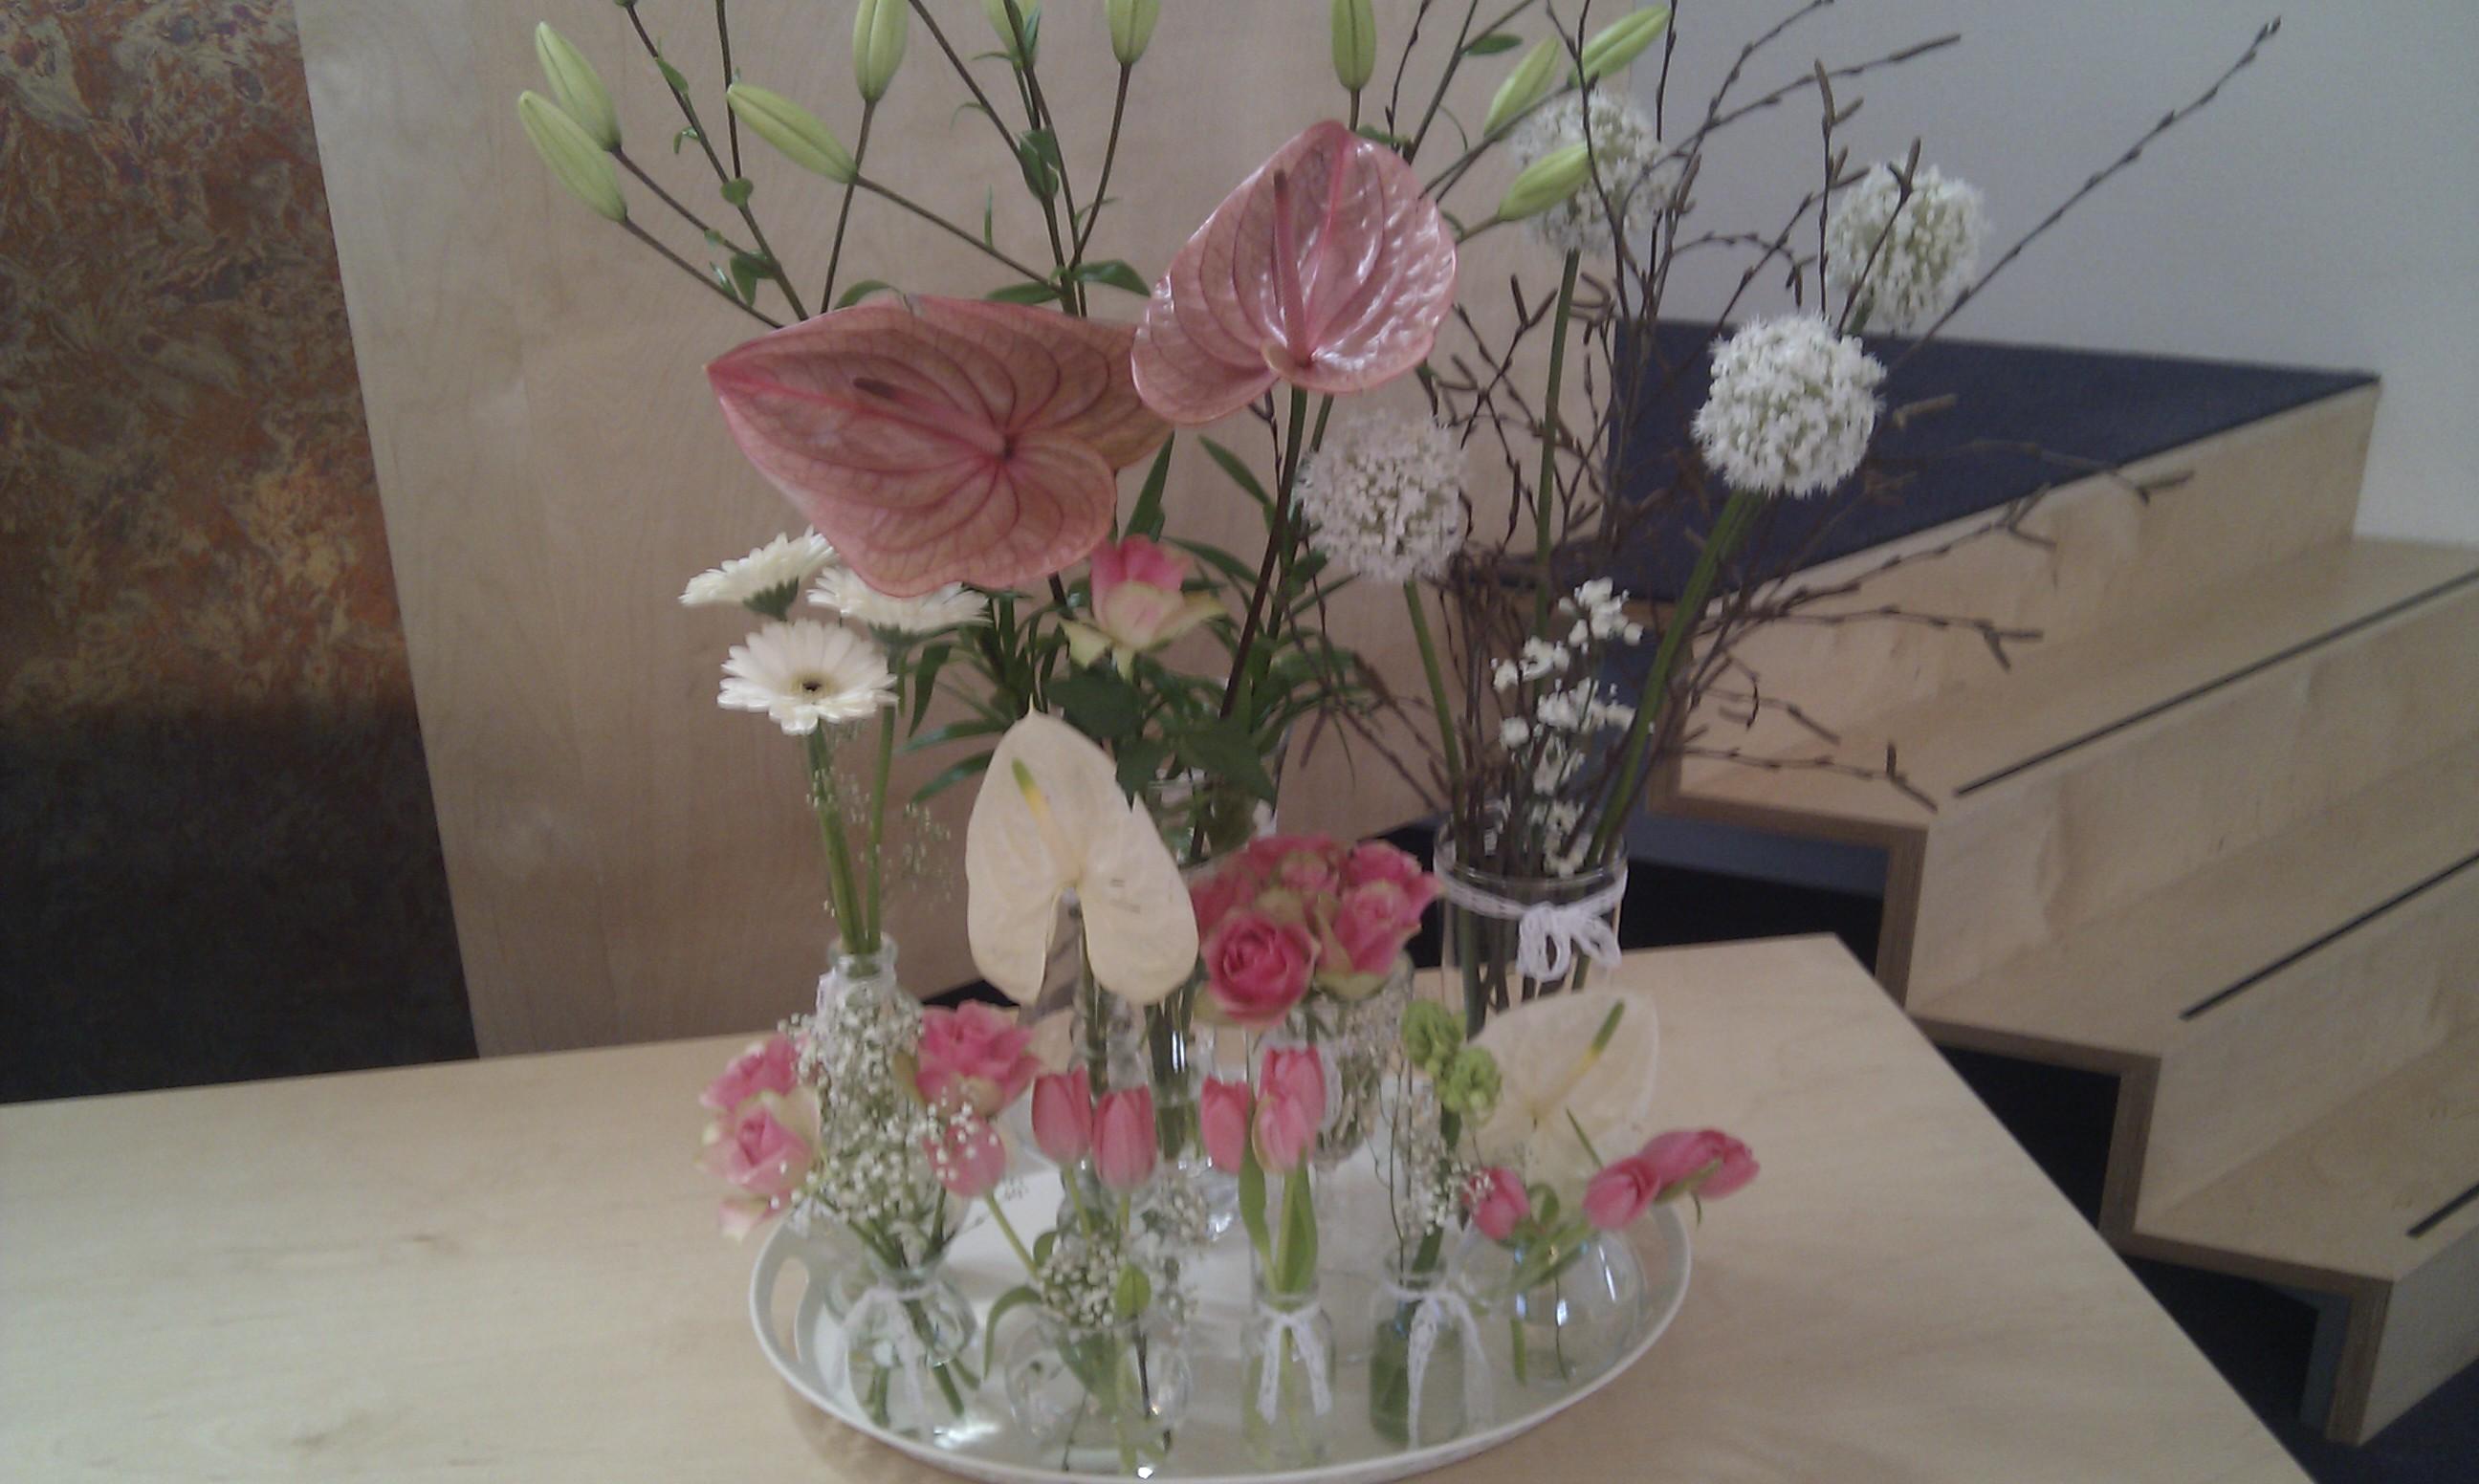 2013-04-08 bloemstuk.jpg